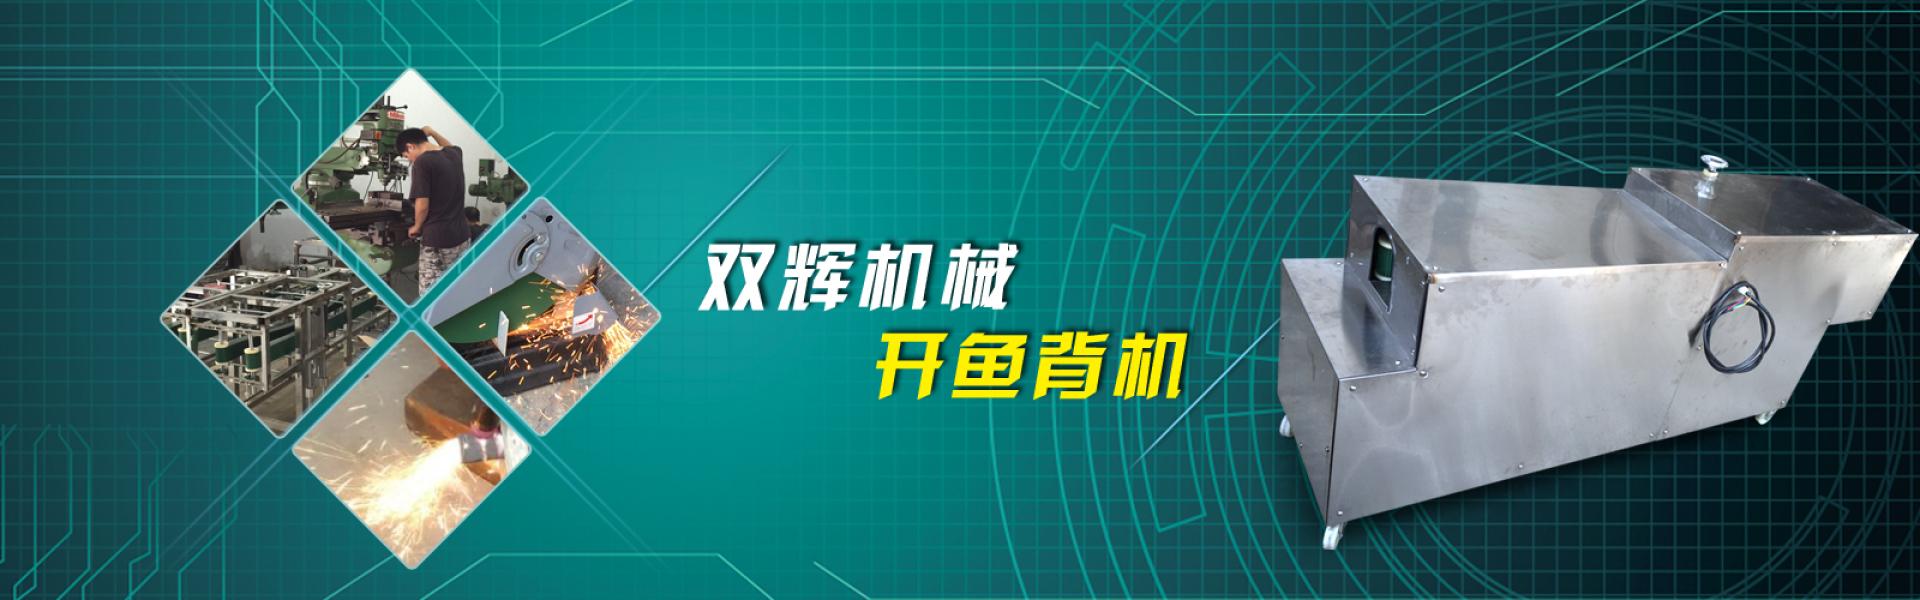 肇慶市鼎湖雙輝機械有限公司主要生產:切肉機,切菜機,殺魚機,切菜機小型,剝皮機,如果您對我們的產品感興趣,可以聯系我們:13660988788